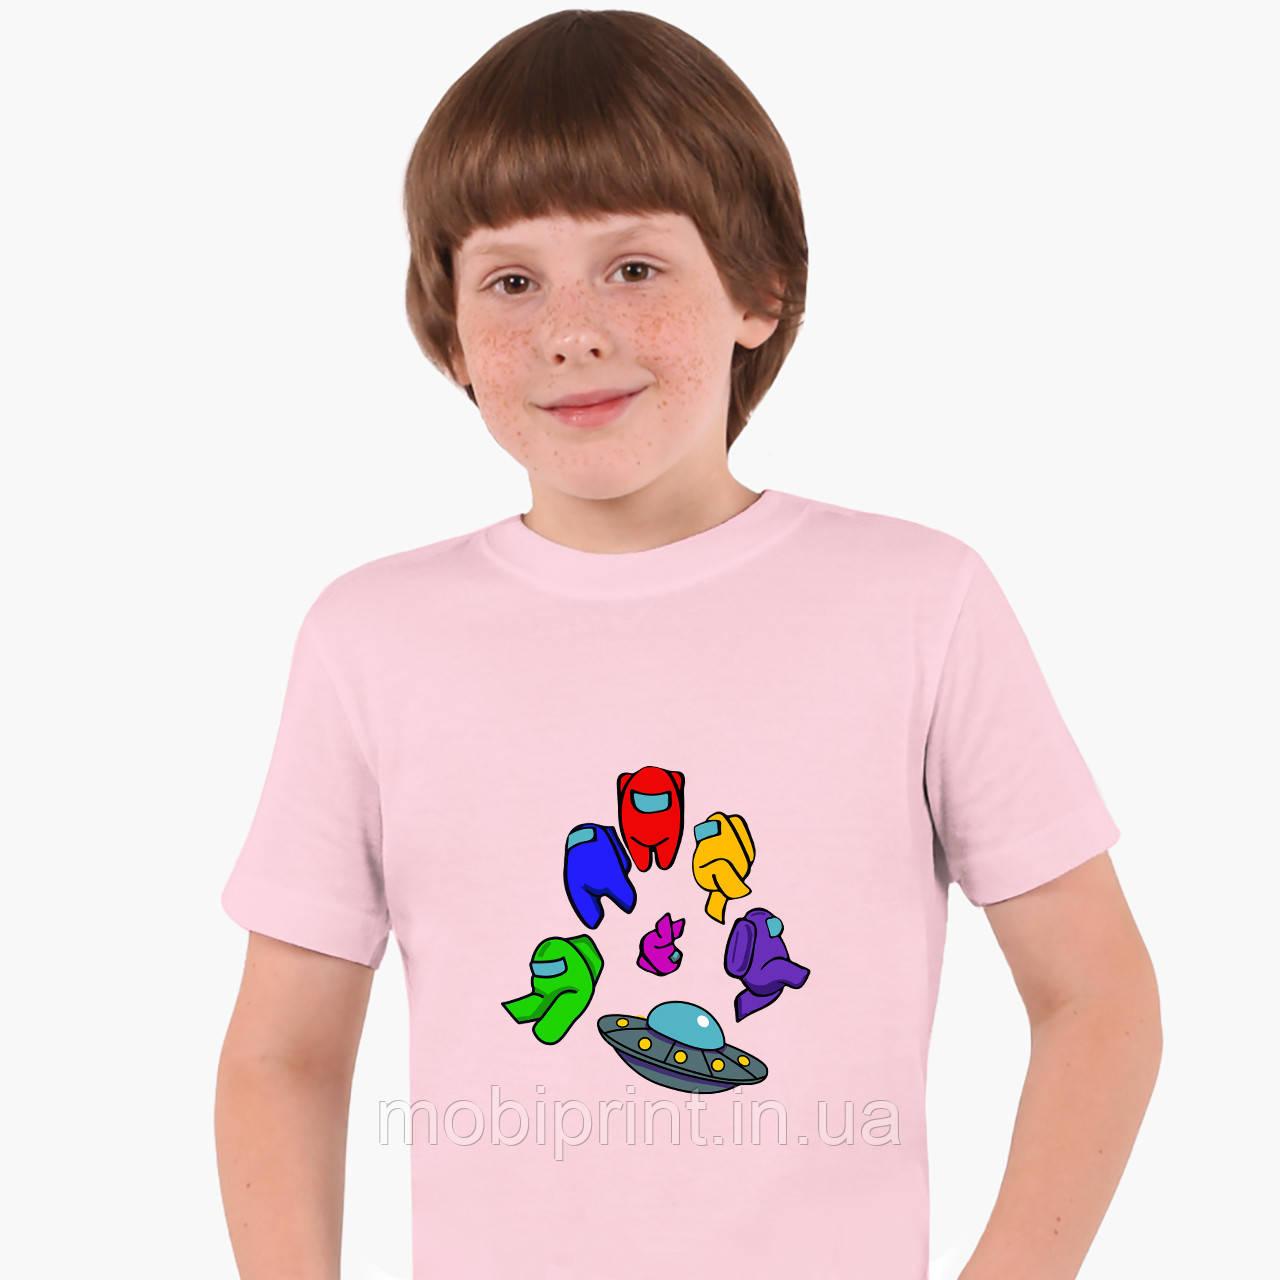 Дитяча футболка для хлопчиків Амонг Ас (Among Us) (25186-2585) Рожевий